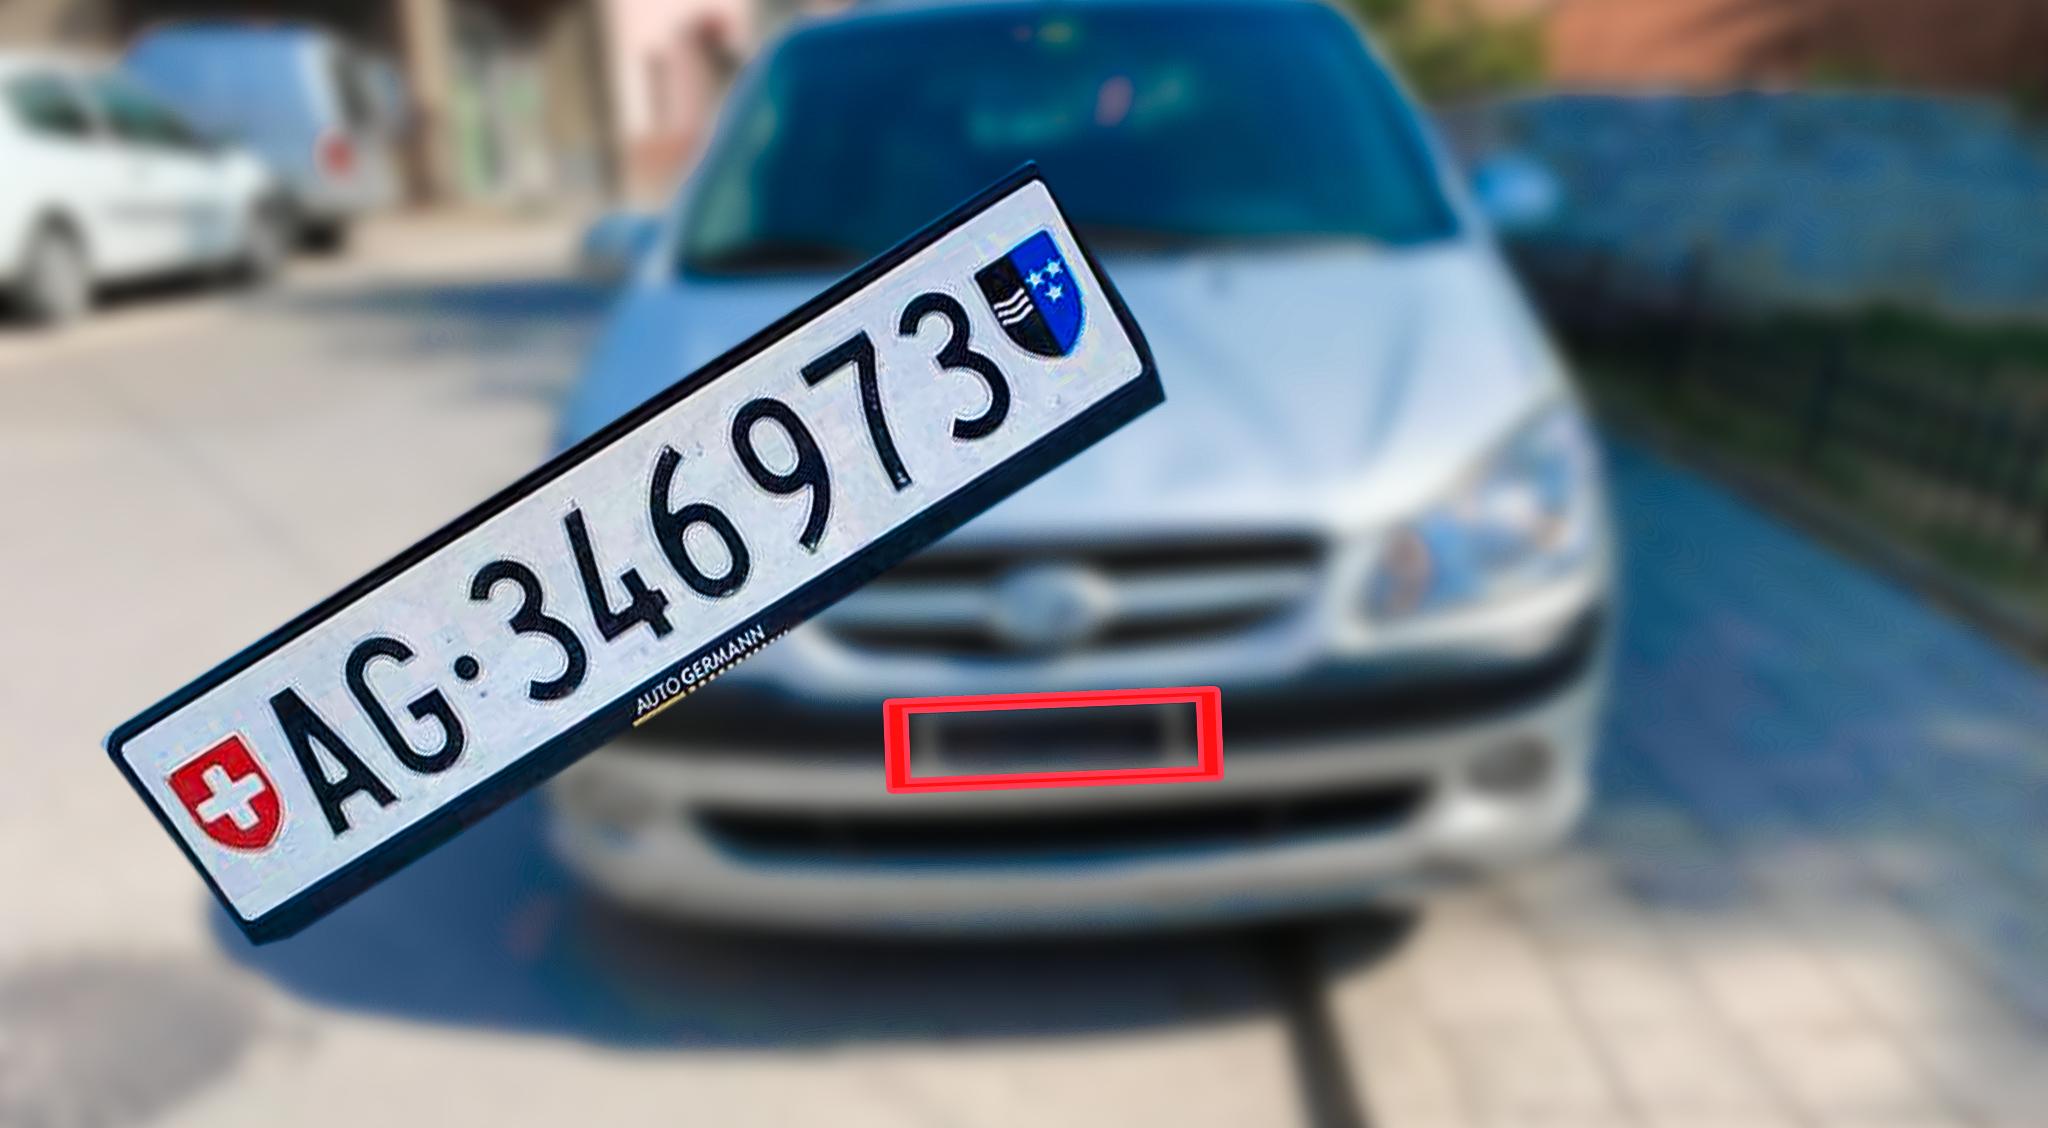 Mërgimtarit prizrenas i humbin targat zvicrane të veturës, kërkon ndihmë për gjetjen e tyre